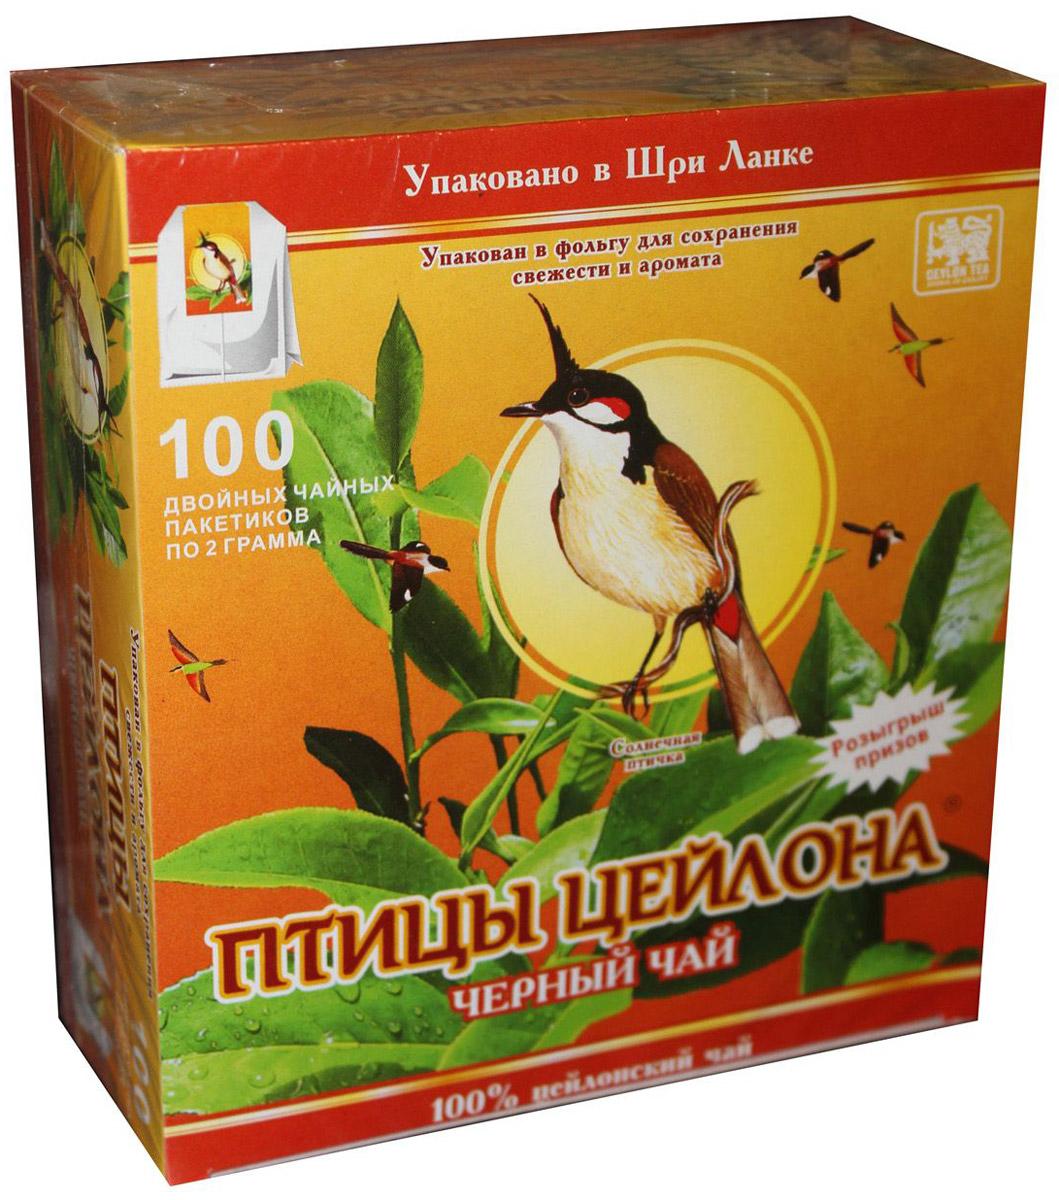 Птицы Цейлона Солнечная птичка чай черный в пакетиках, 100 шт101246Птицы Цейлона Солнечная птичка - 100% черный цейлонский байховый мелколистовой чай в пакетиках. Способ применения: один пакетик на одну чашку напитка залить кипяченой водой, настаивать 3-5 минут.В упаковке 100 двойных чайных пакетиков по 2 грамма.